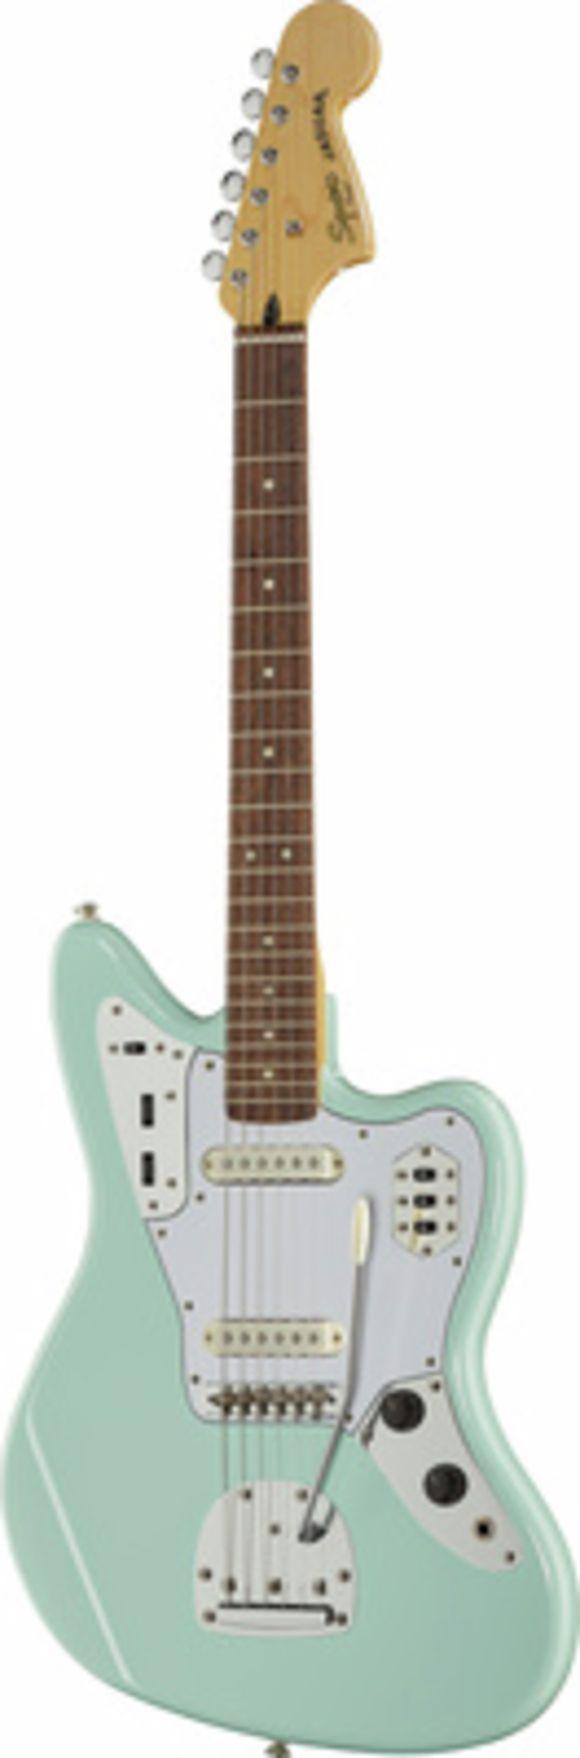 SQ Vintage Mod Jaguar SG IL Fender